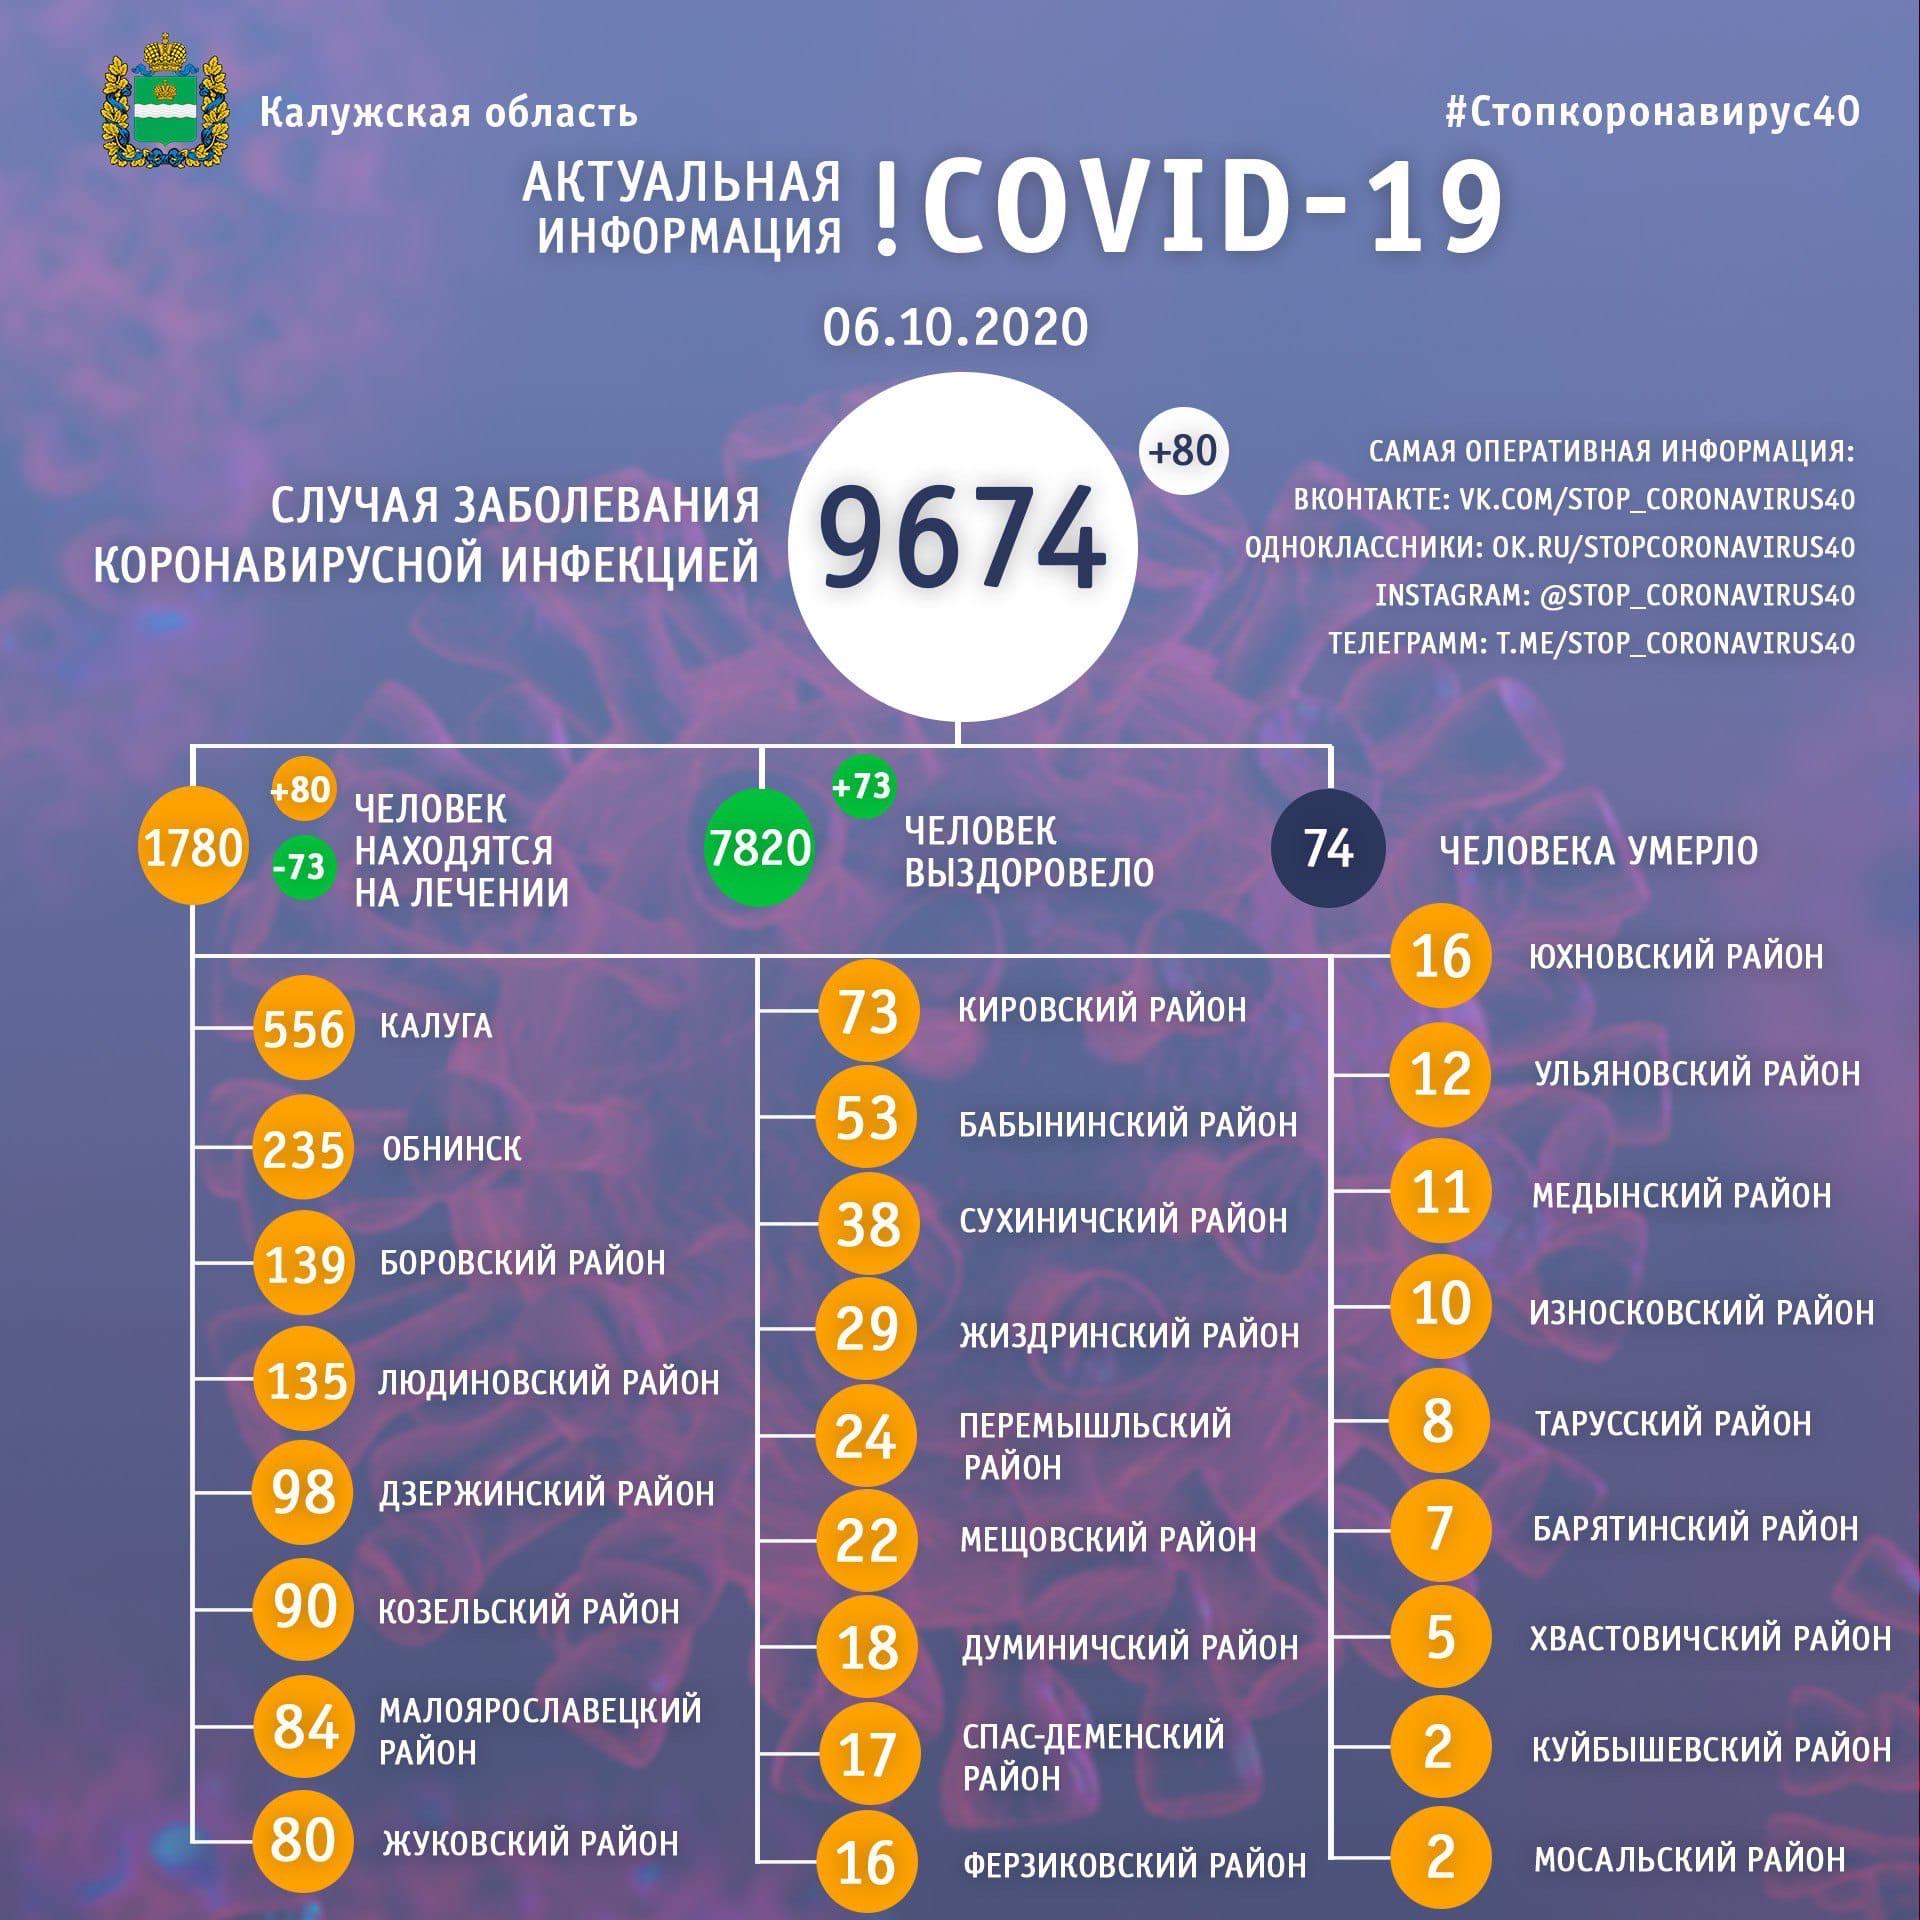 Официальная статистика по коронавирусу в Калужской области на 6 октября 2020 года.